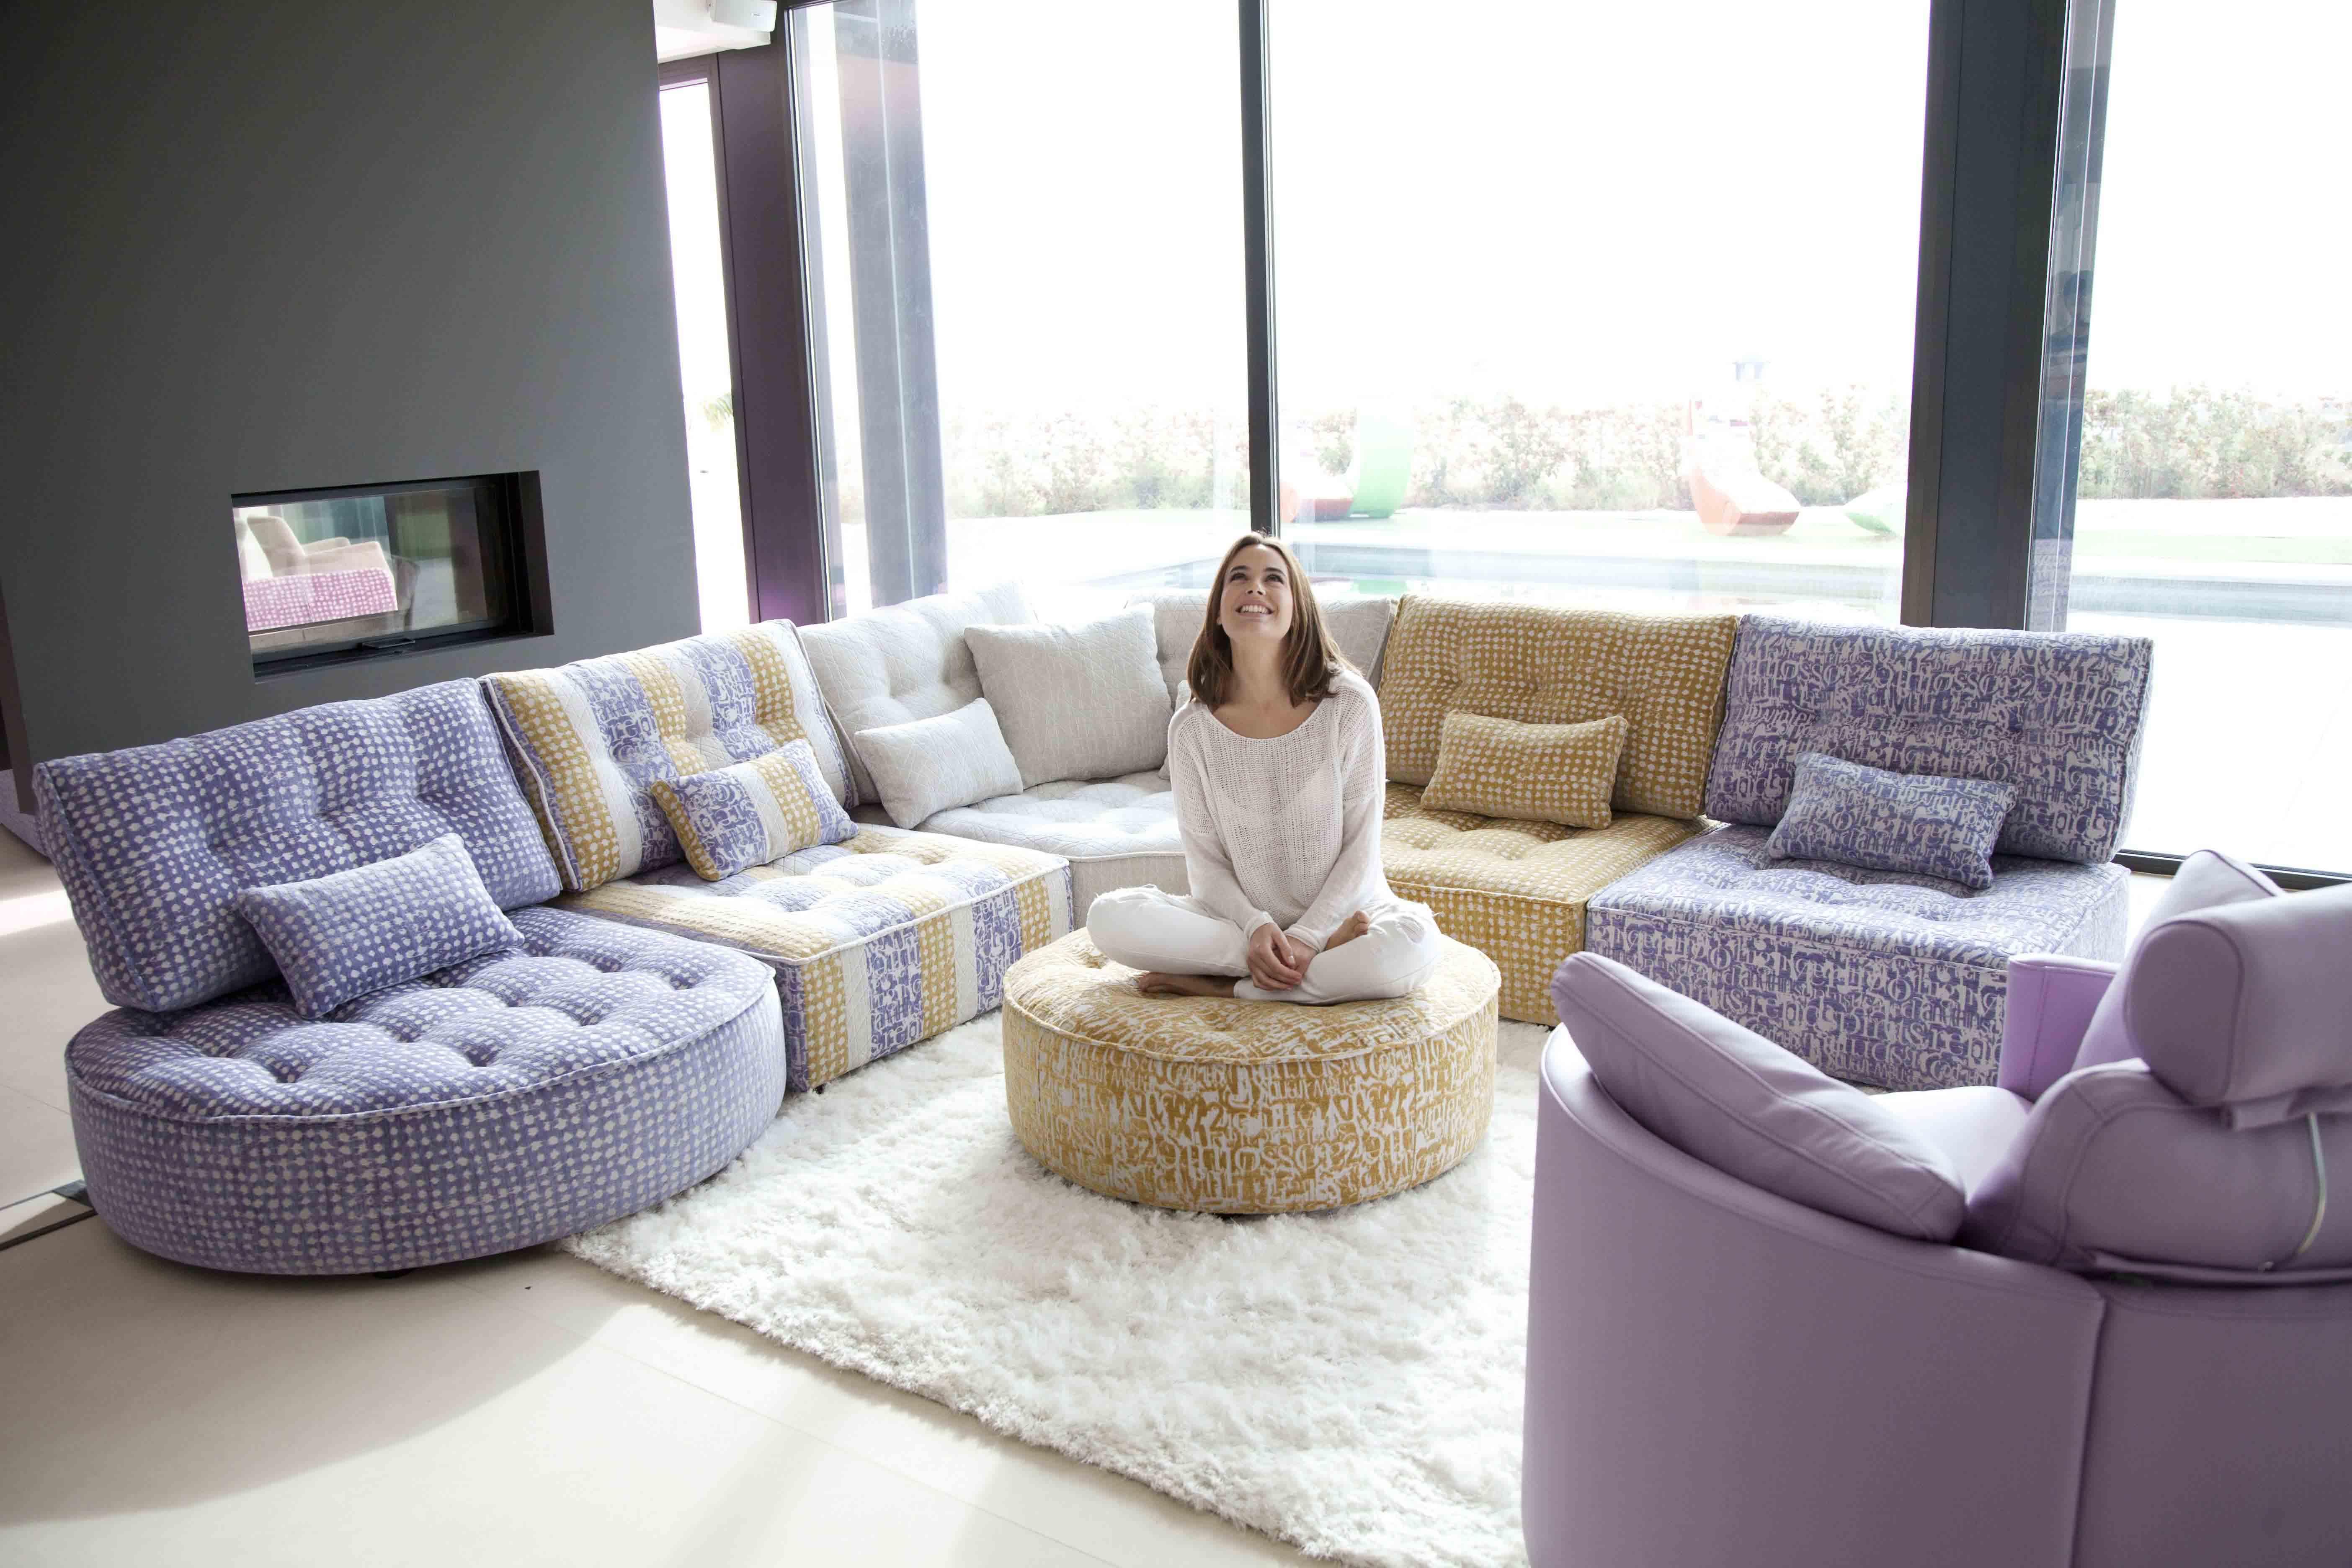 magasin literie matelas sommier lit adulte lit enfant proche de lyon literie de qualit. Black Bedroom Furniture Sets. Home Design Ideas